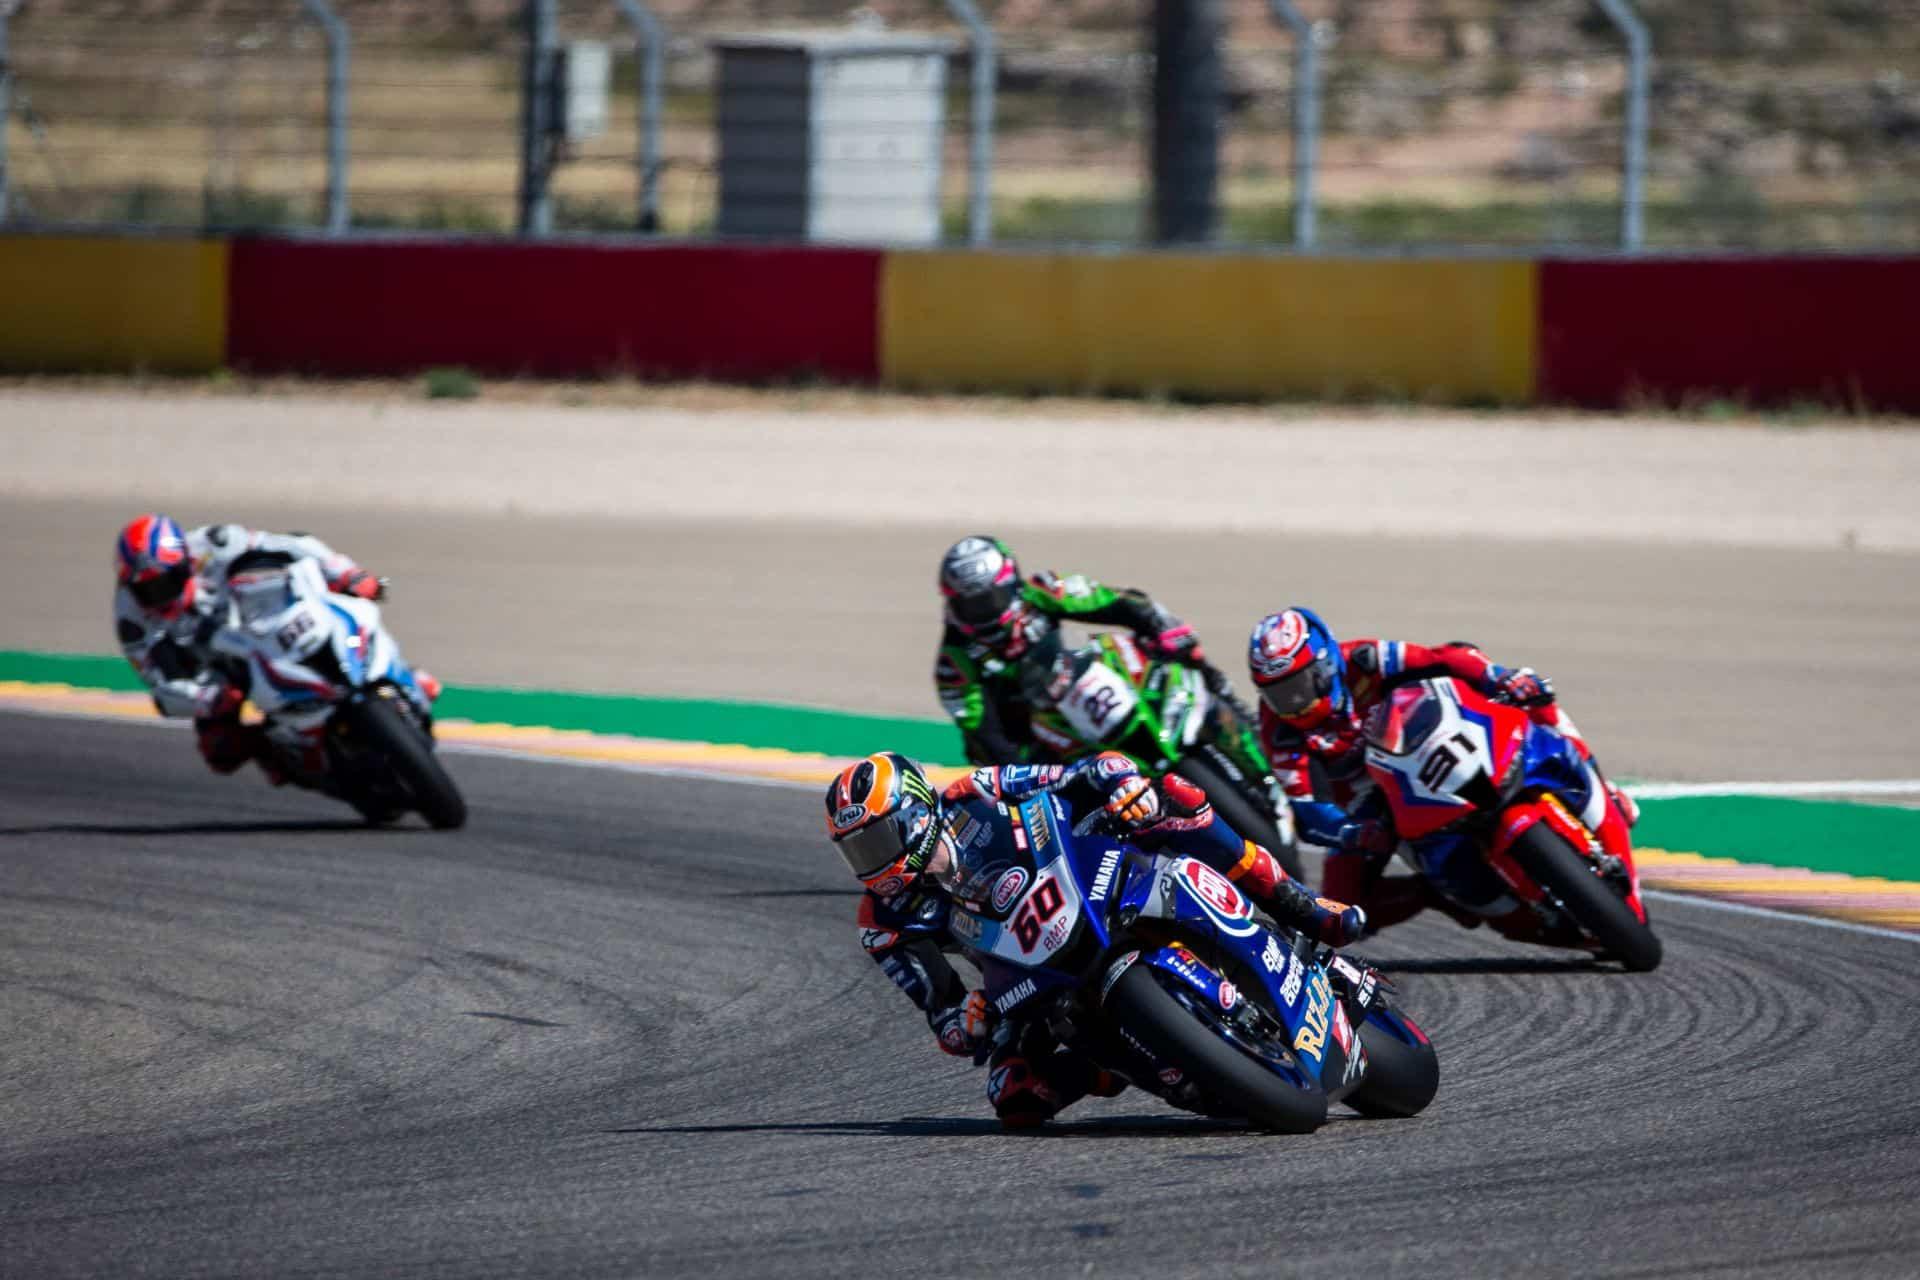 スーパーバイク世界選手権 テルエル戦レース1 4位ファン・デル・マーク「最終的に4位は悪くはない」